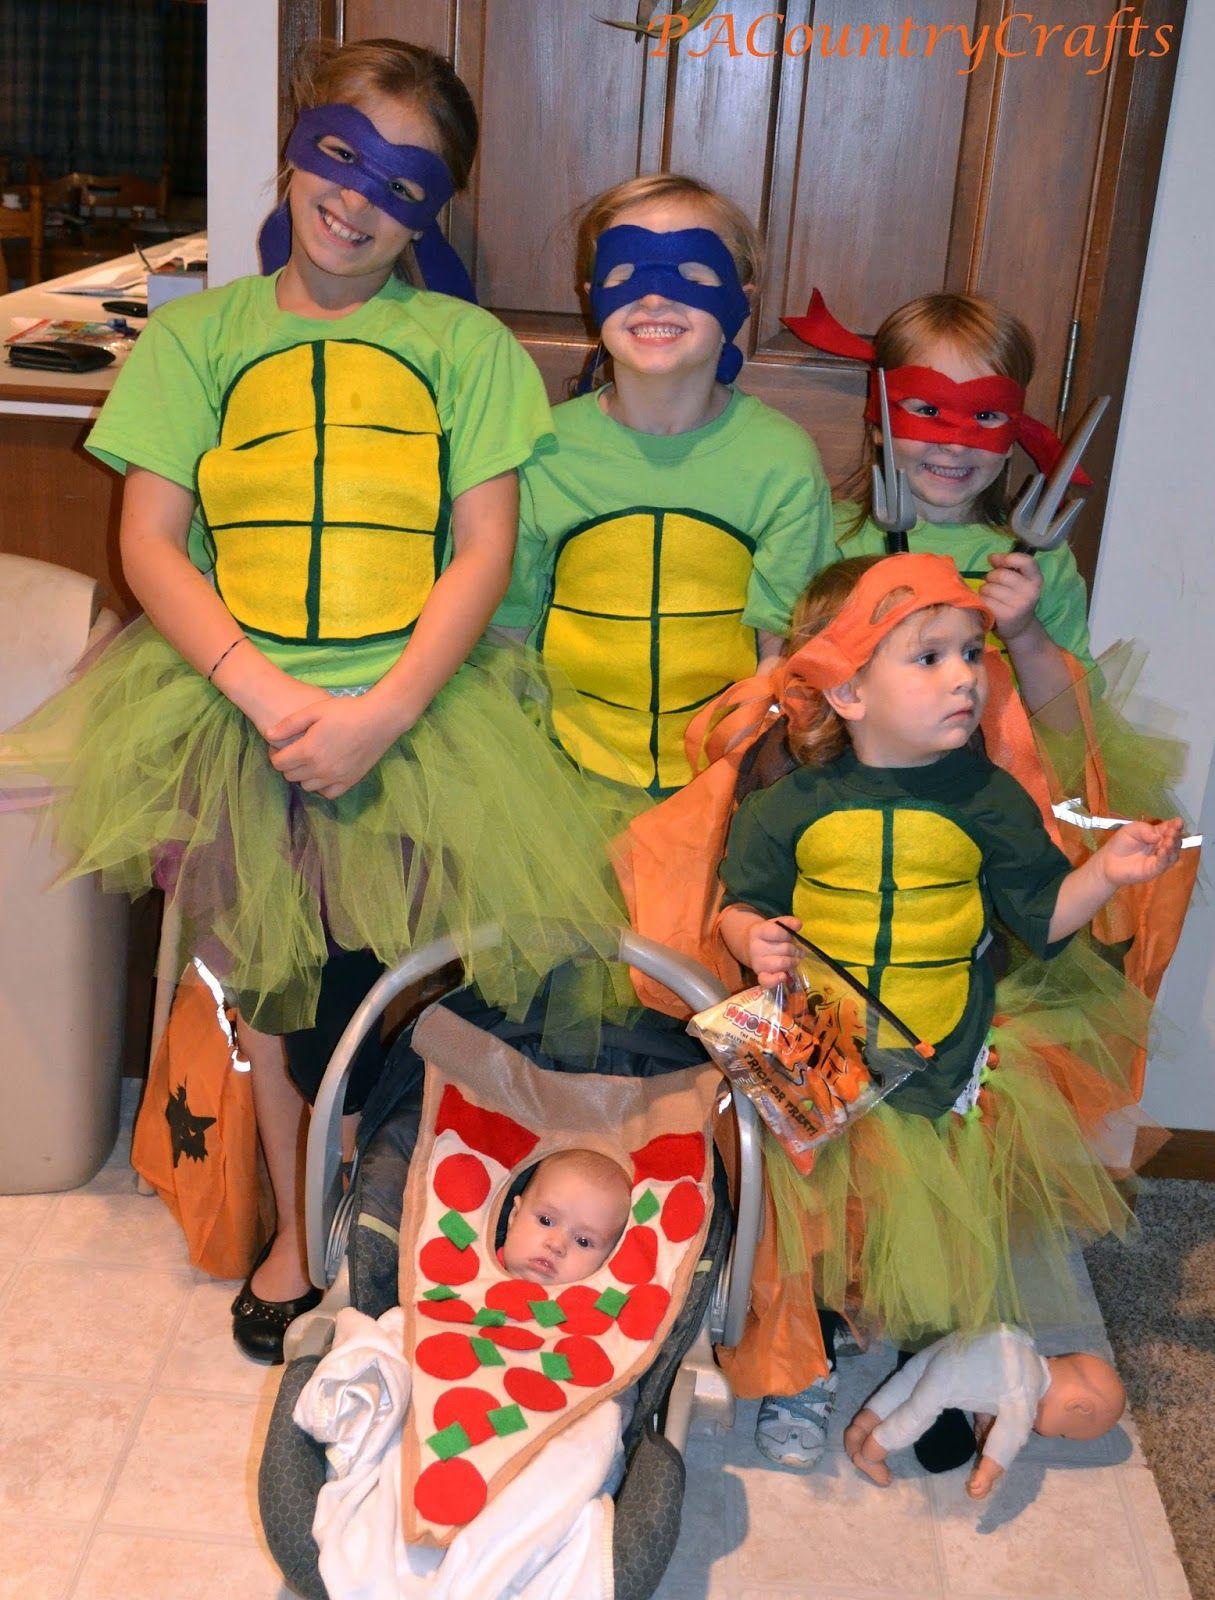 Diy girls ninja turtle costumes with tutus costumes pinterest diy girls ninja turtle costumes with tutus solutioingenieria Gallery